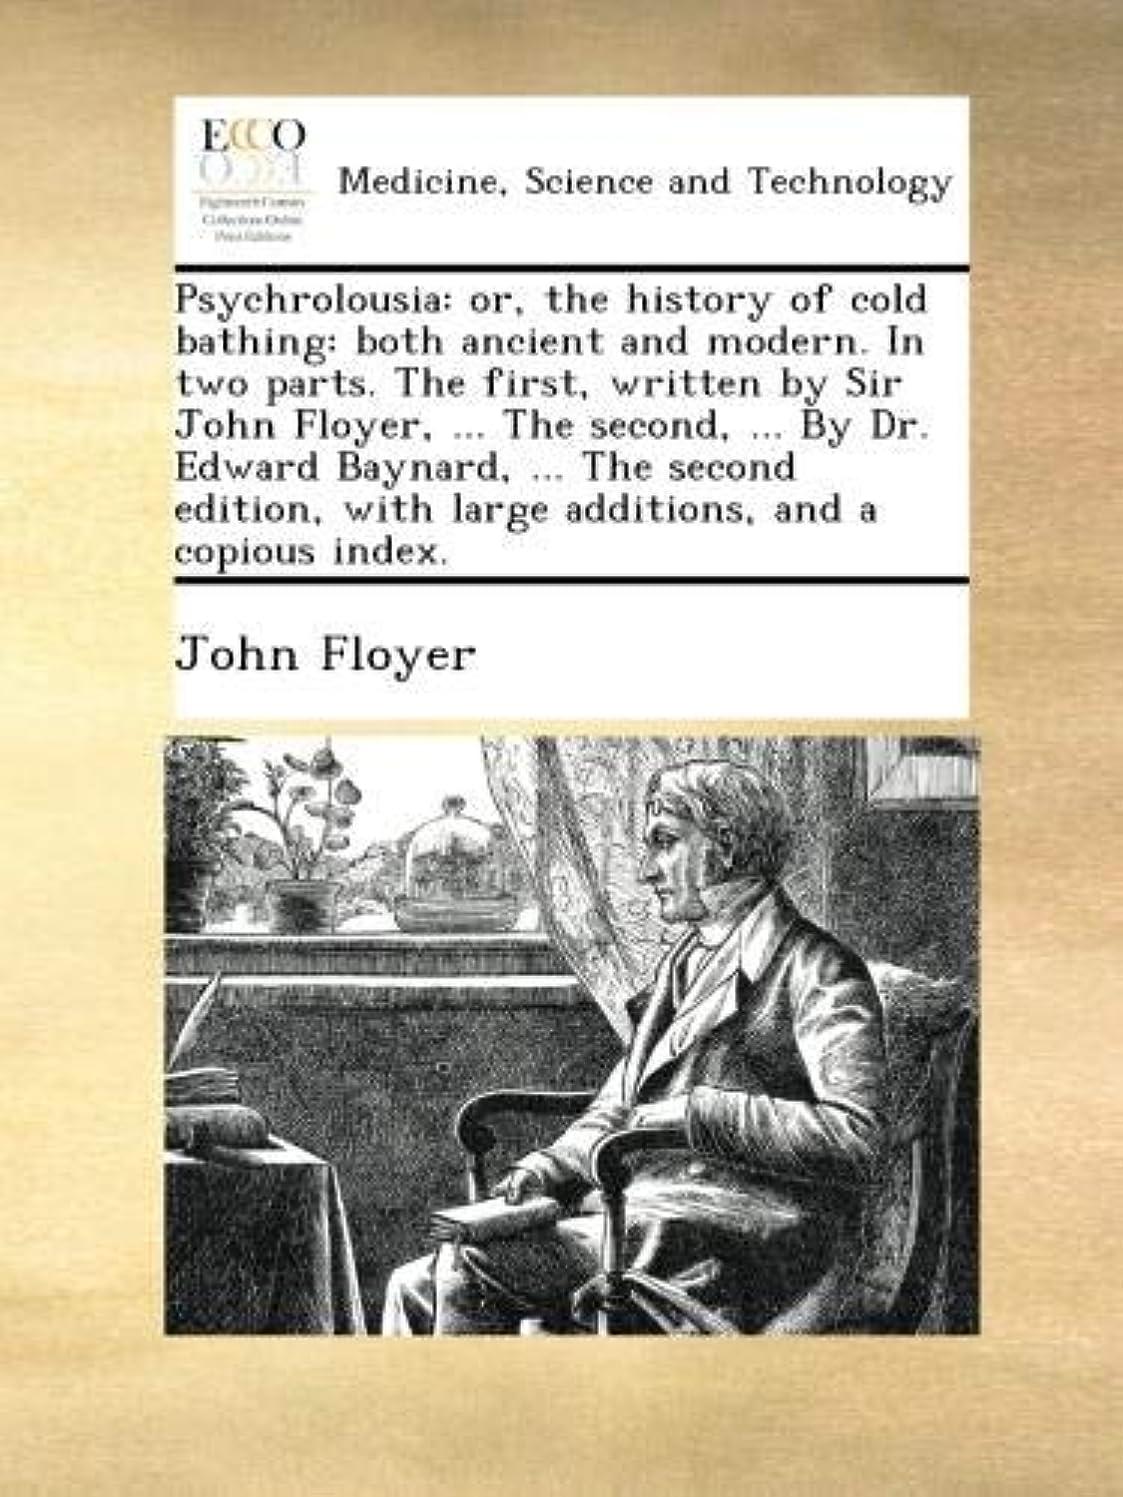 本を読む永遠のリストPsychrolousia: or, the history of cold bathing: both ancient and modern. In two parts. The first, written by Sir John Floyer, ... The second, ... By Dr. Edward Baynard, ... The second edition, with large additions, and a copious index.